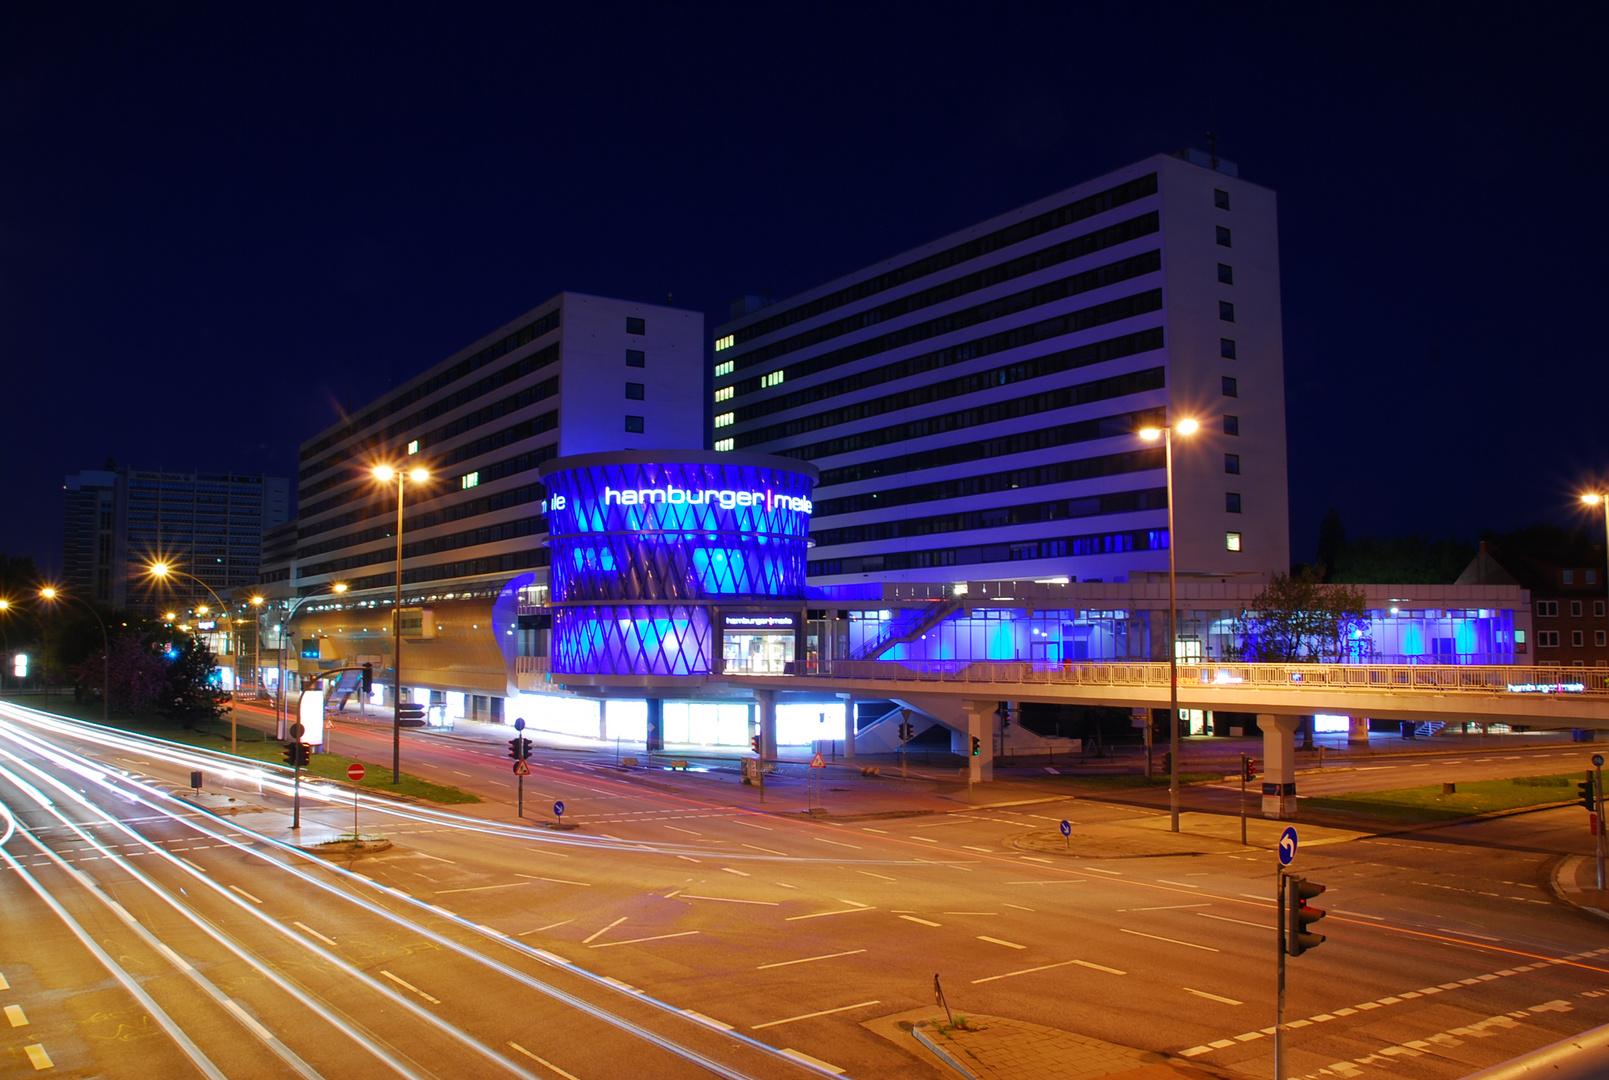 Die Hamburger Meile Foto Bild Architektur Architektur Bei Nacht